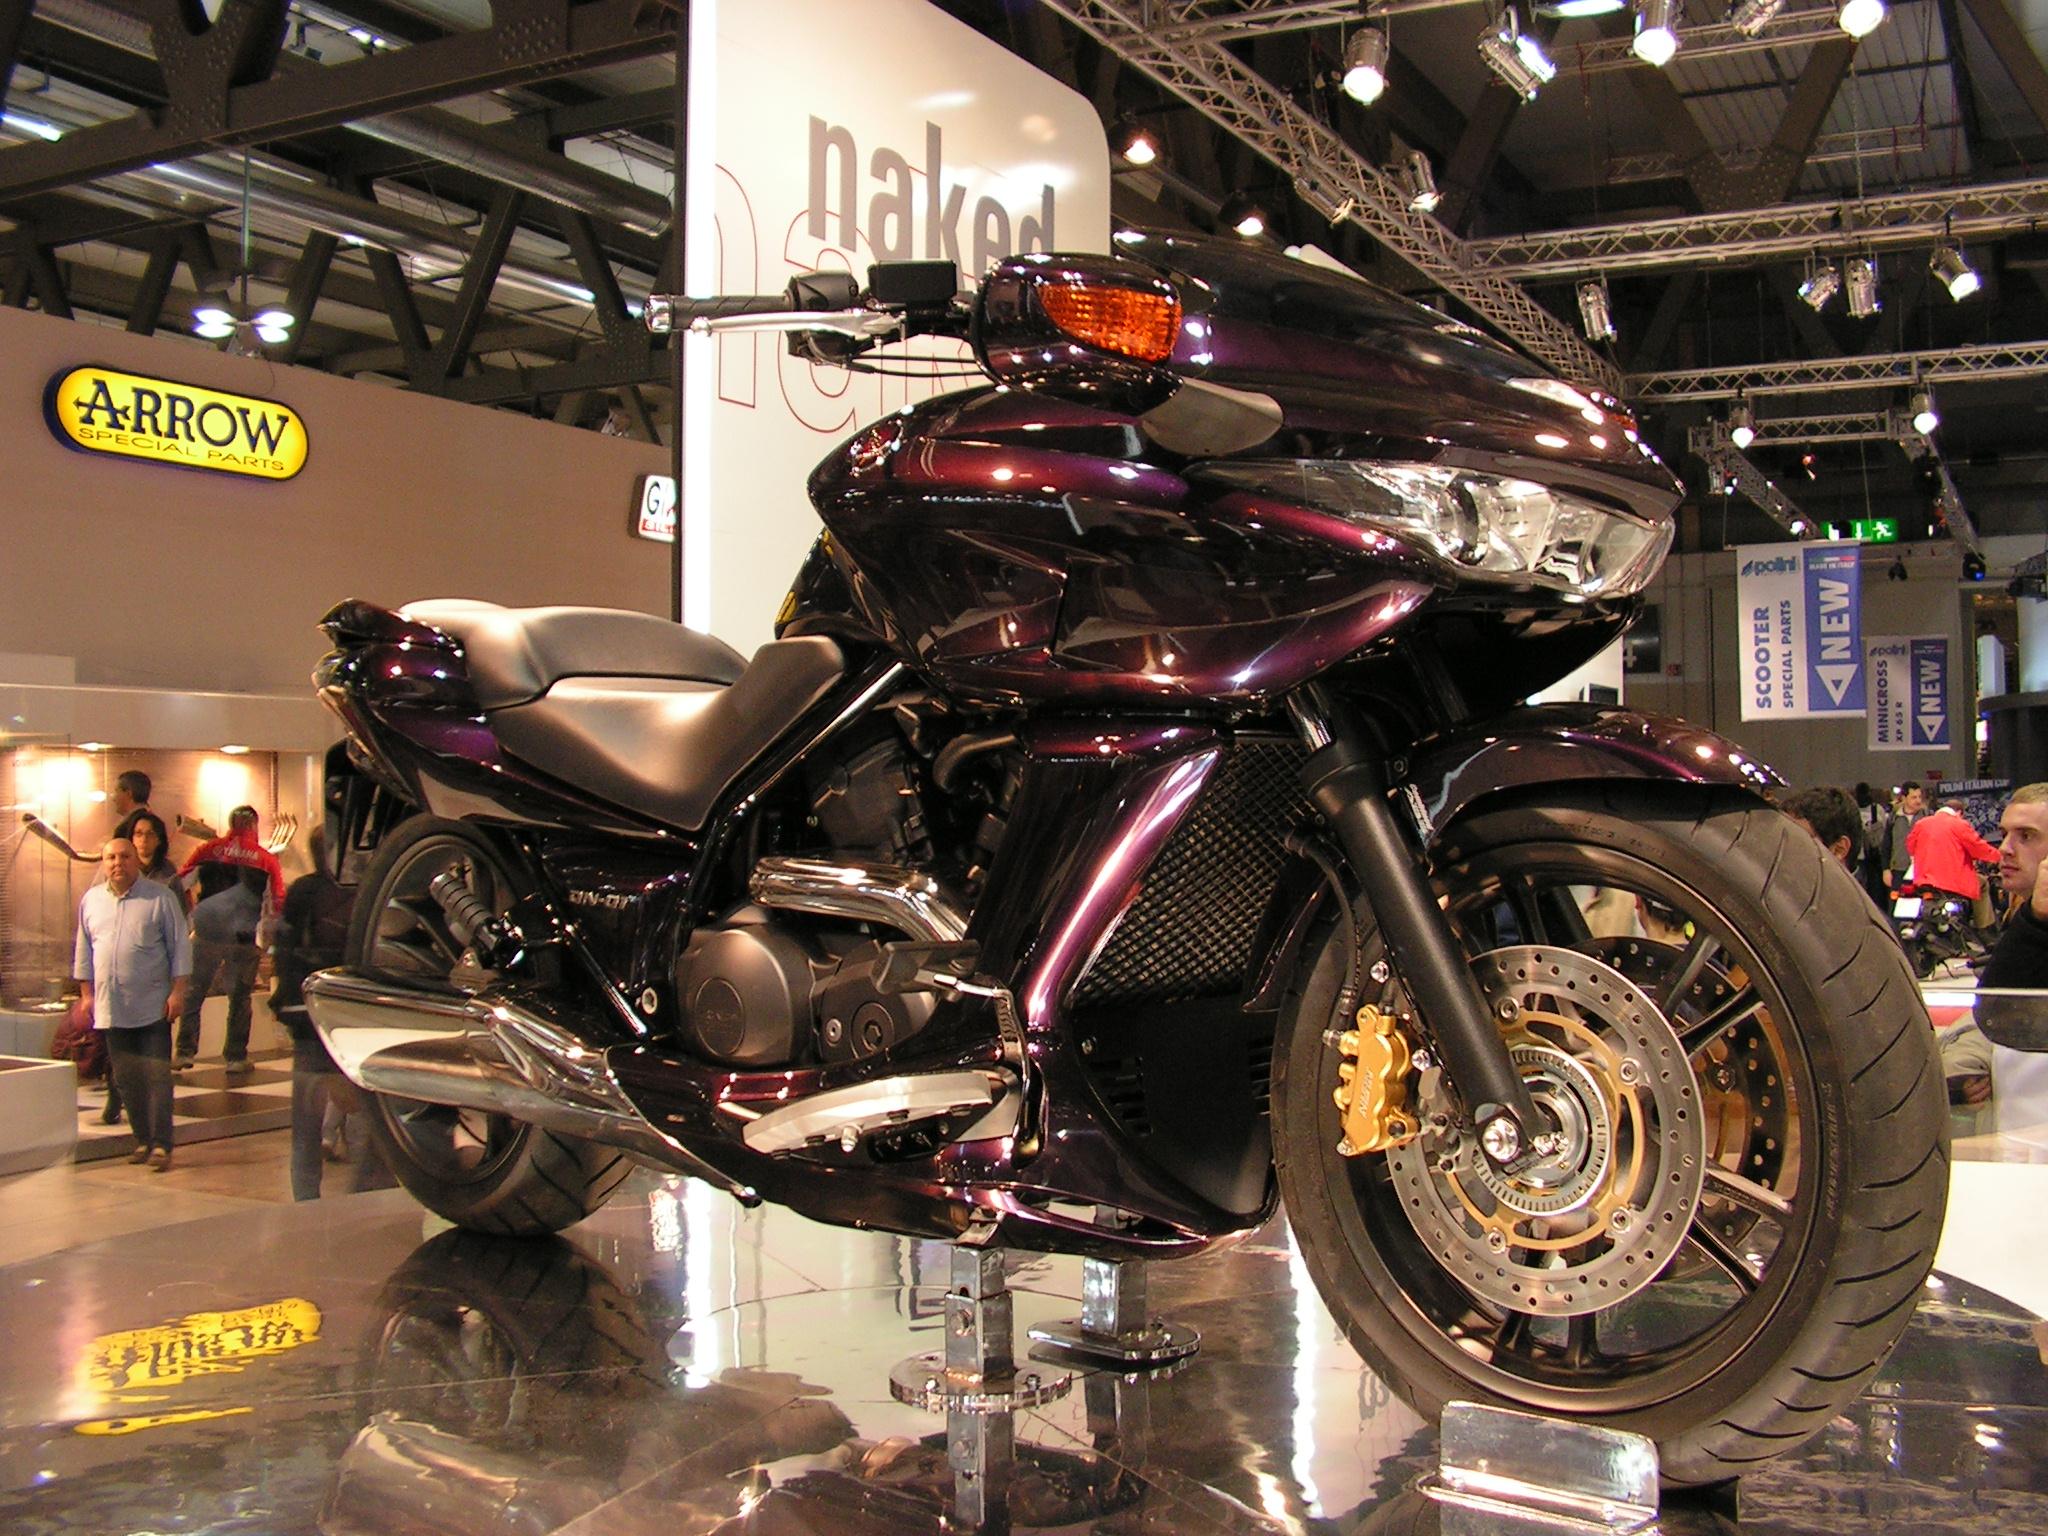 Honda Dn 01 >> Honda Dn 01 Wikipedia